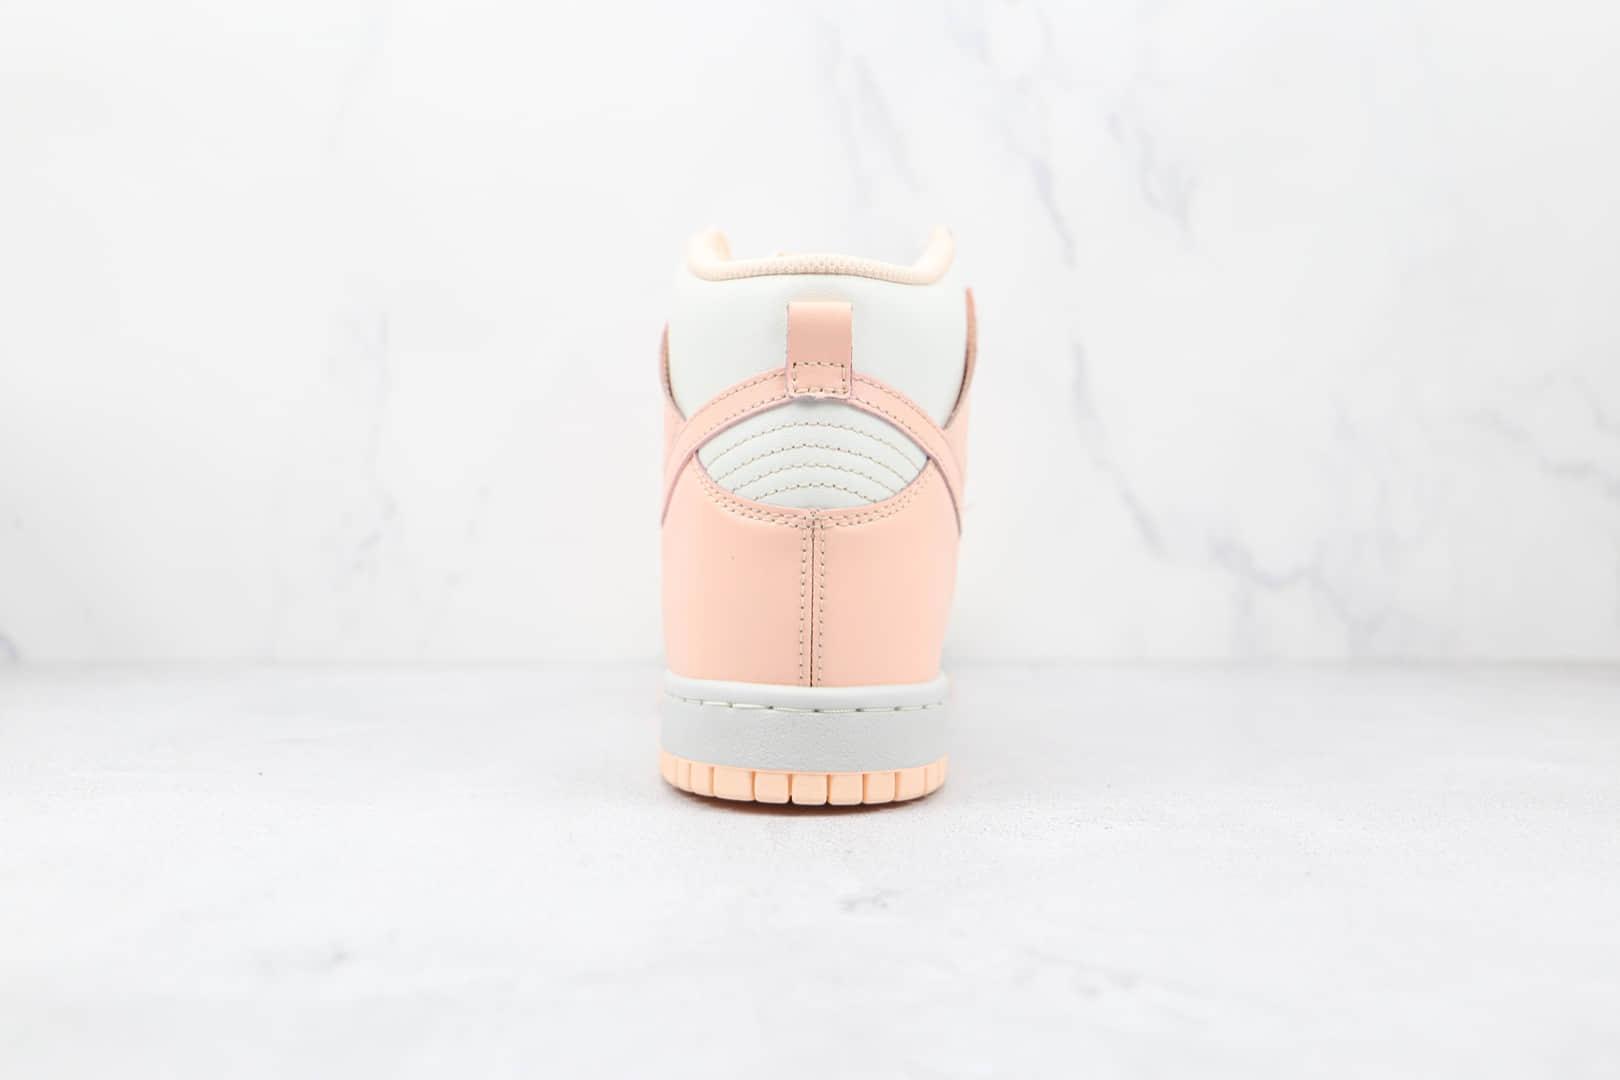 耐克Nike Dunk High Crimson Tint纯原版本高帮DUNK白粉淡粉色板鞋原档案数据开发 货号:DD1869-104